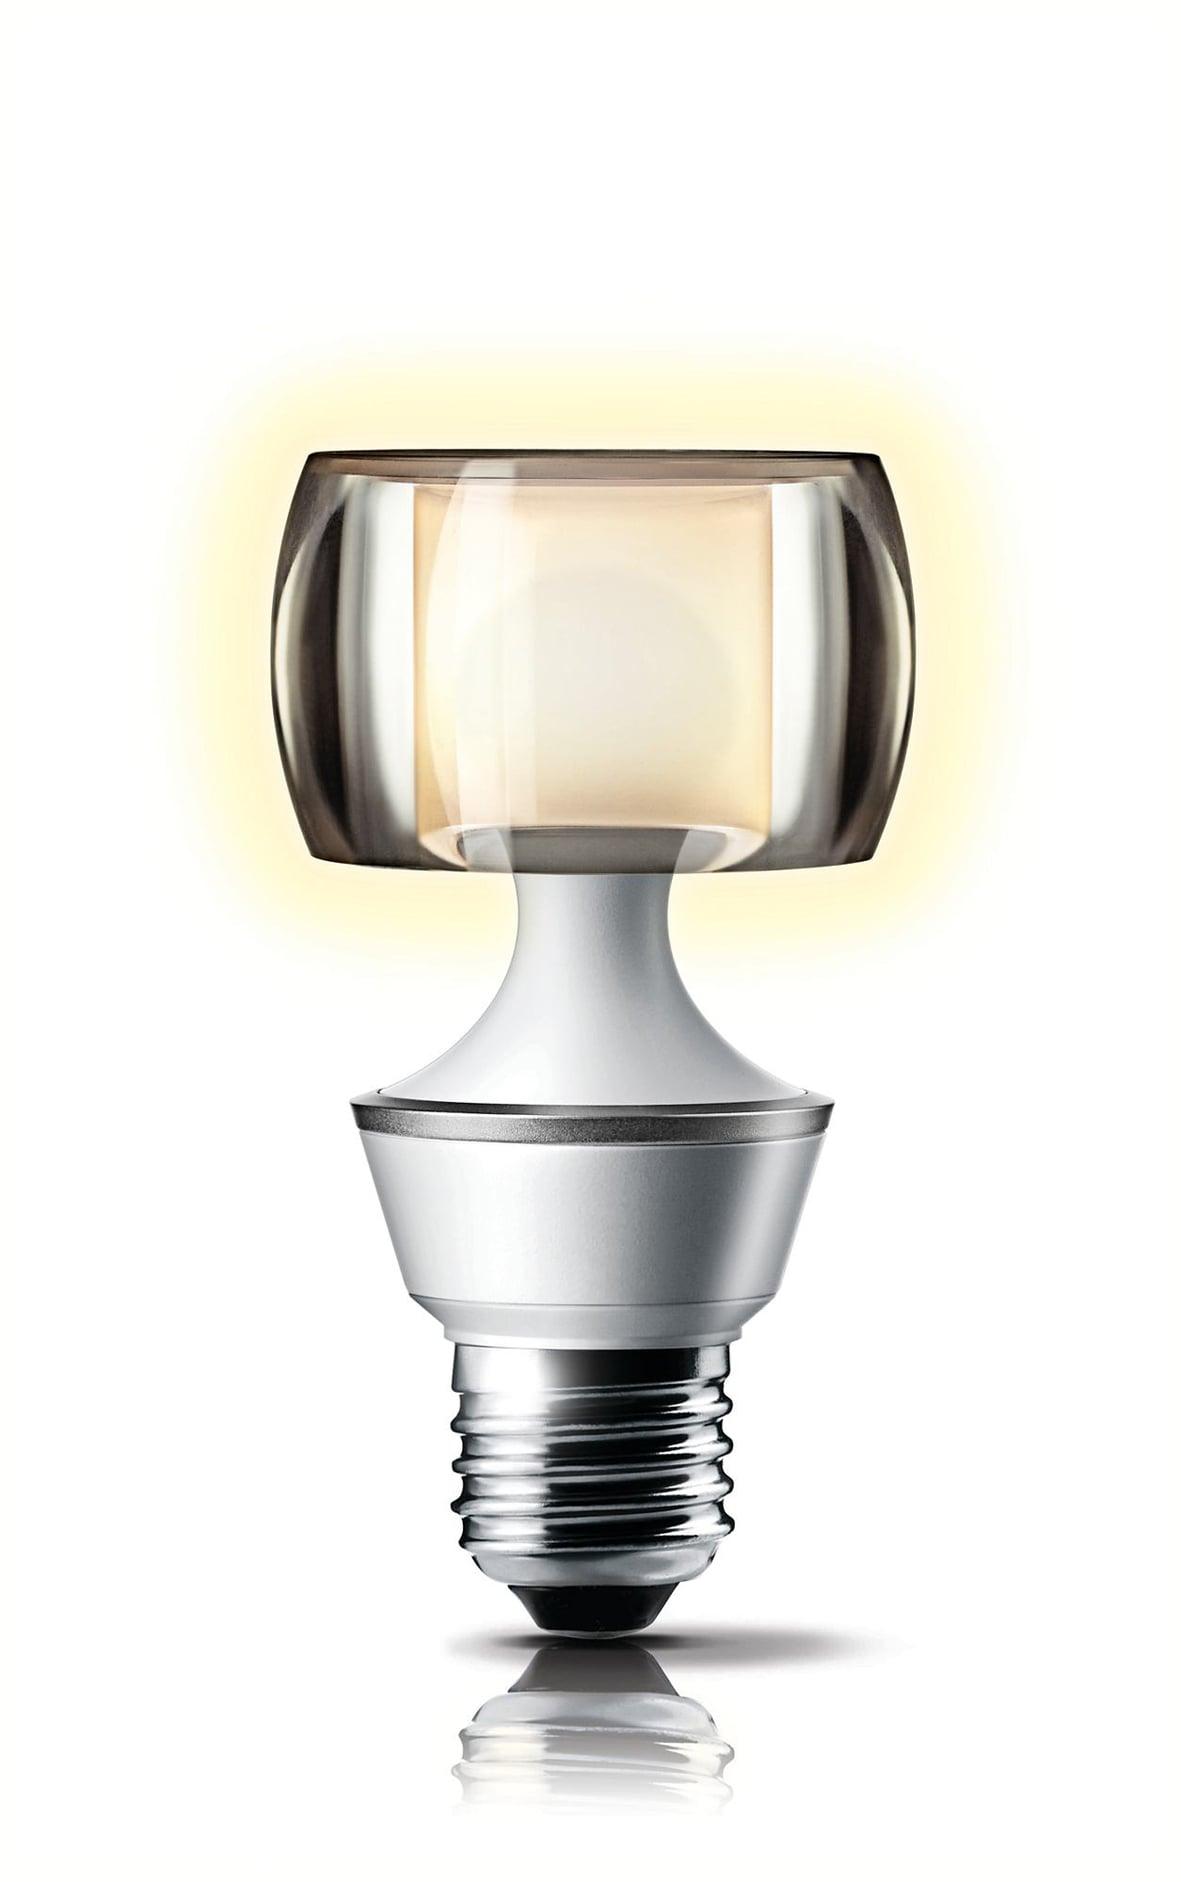 philips led lampen f r gewerbliche anwendungen. Black Bedroom Furniture Sets. Home Design Ideas